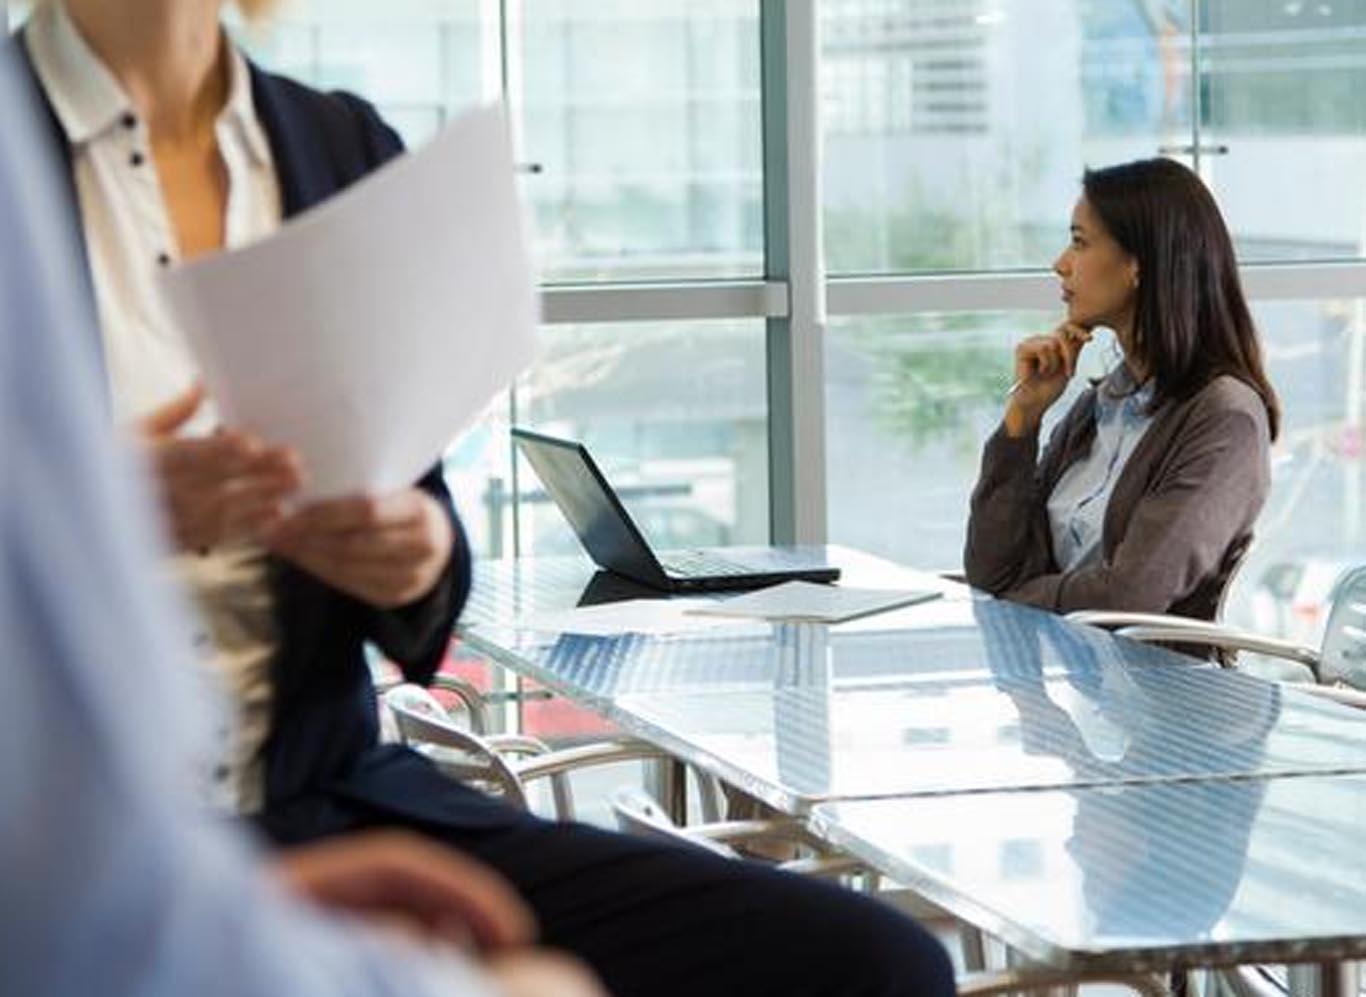 Los organismos internacionales han impulsado declaraciones para fomentar la equidad en las empresas.